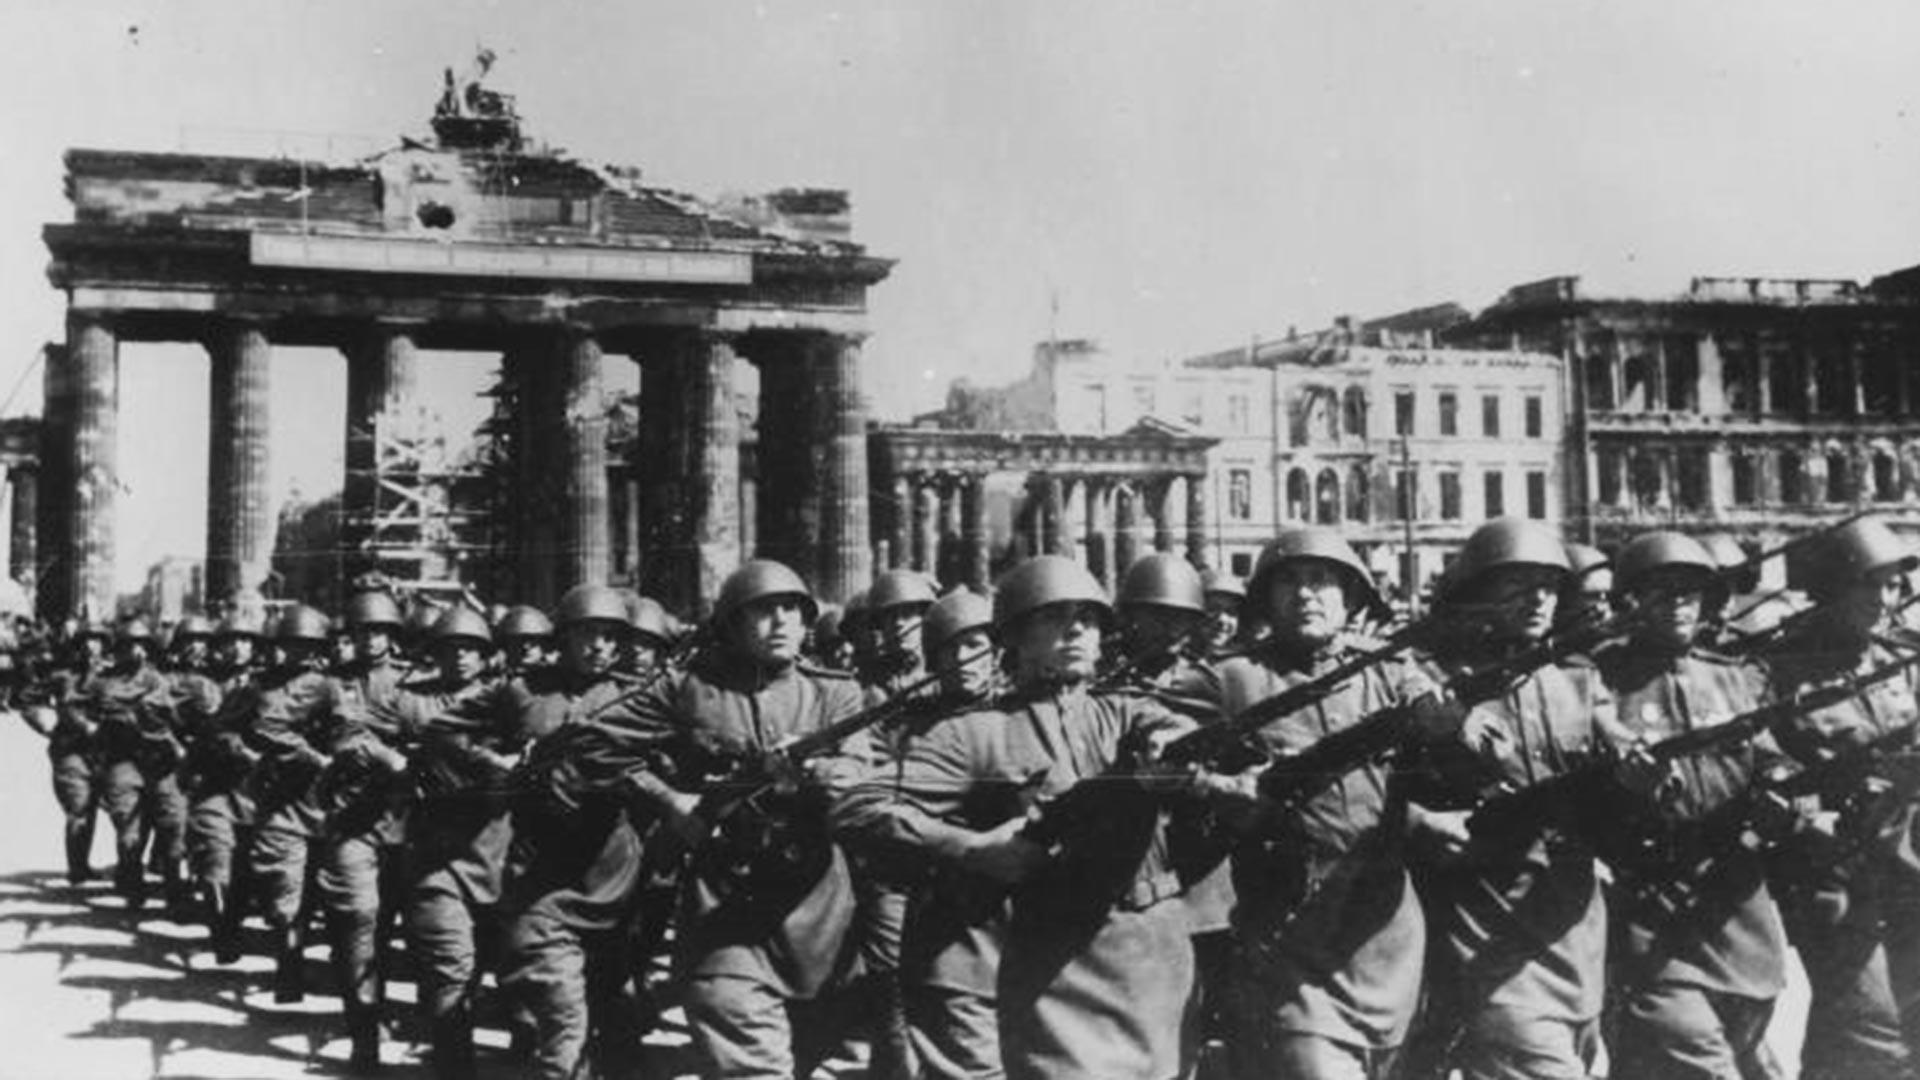 戦勝パレードで行進するソ連軍の兵士